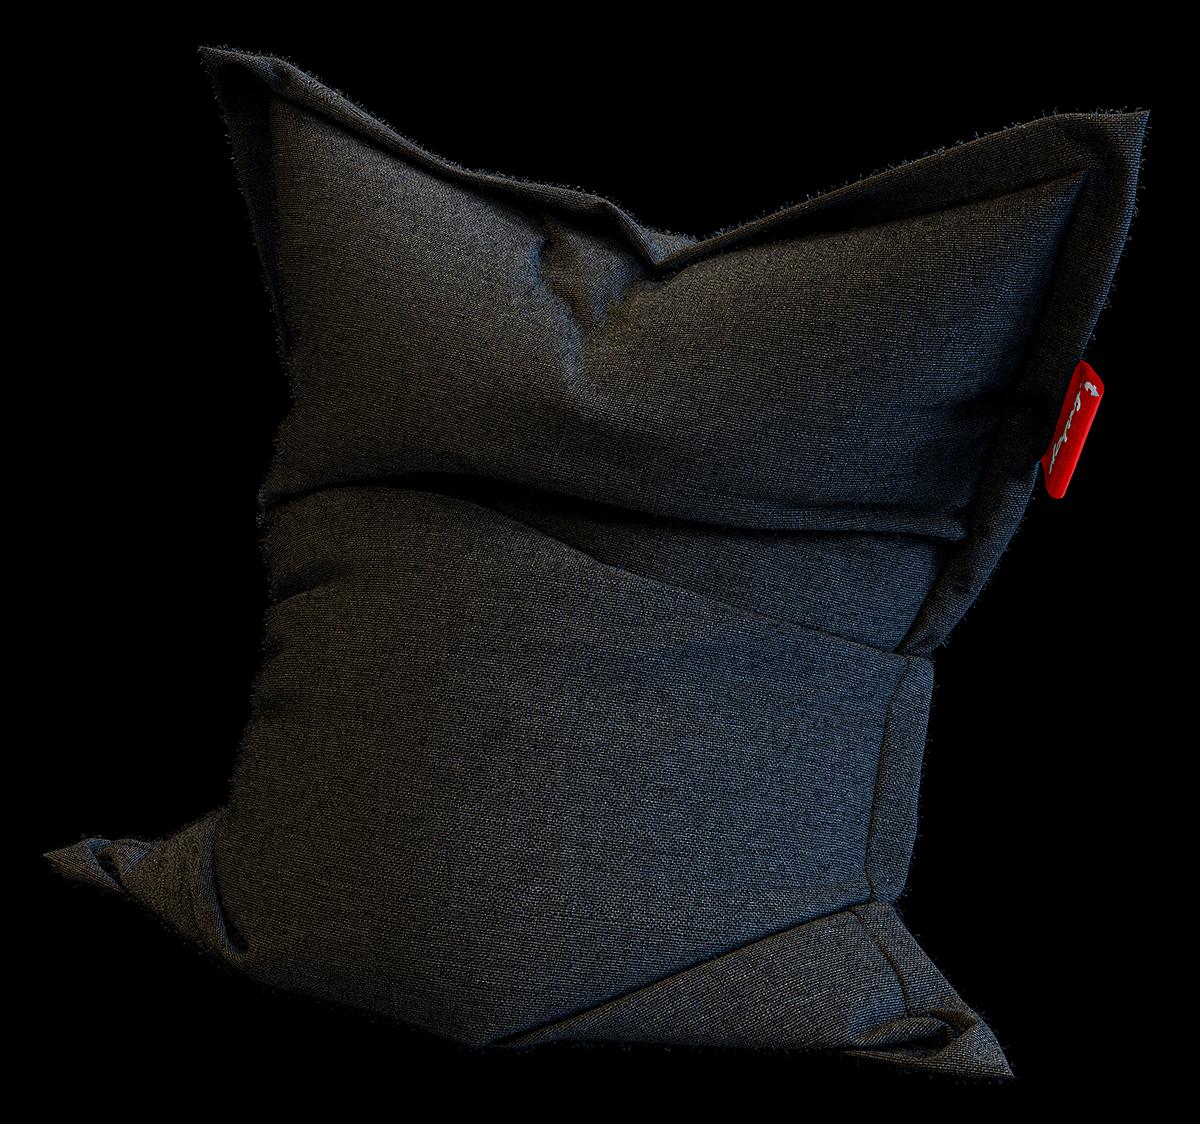 Pillow 3D Render